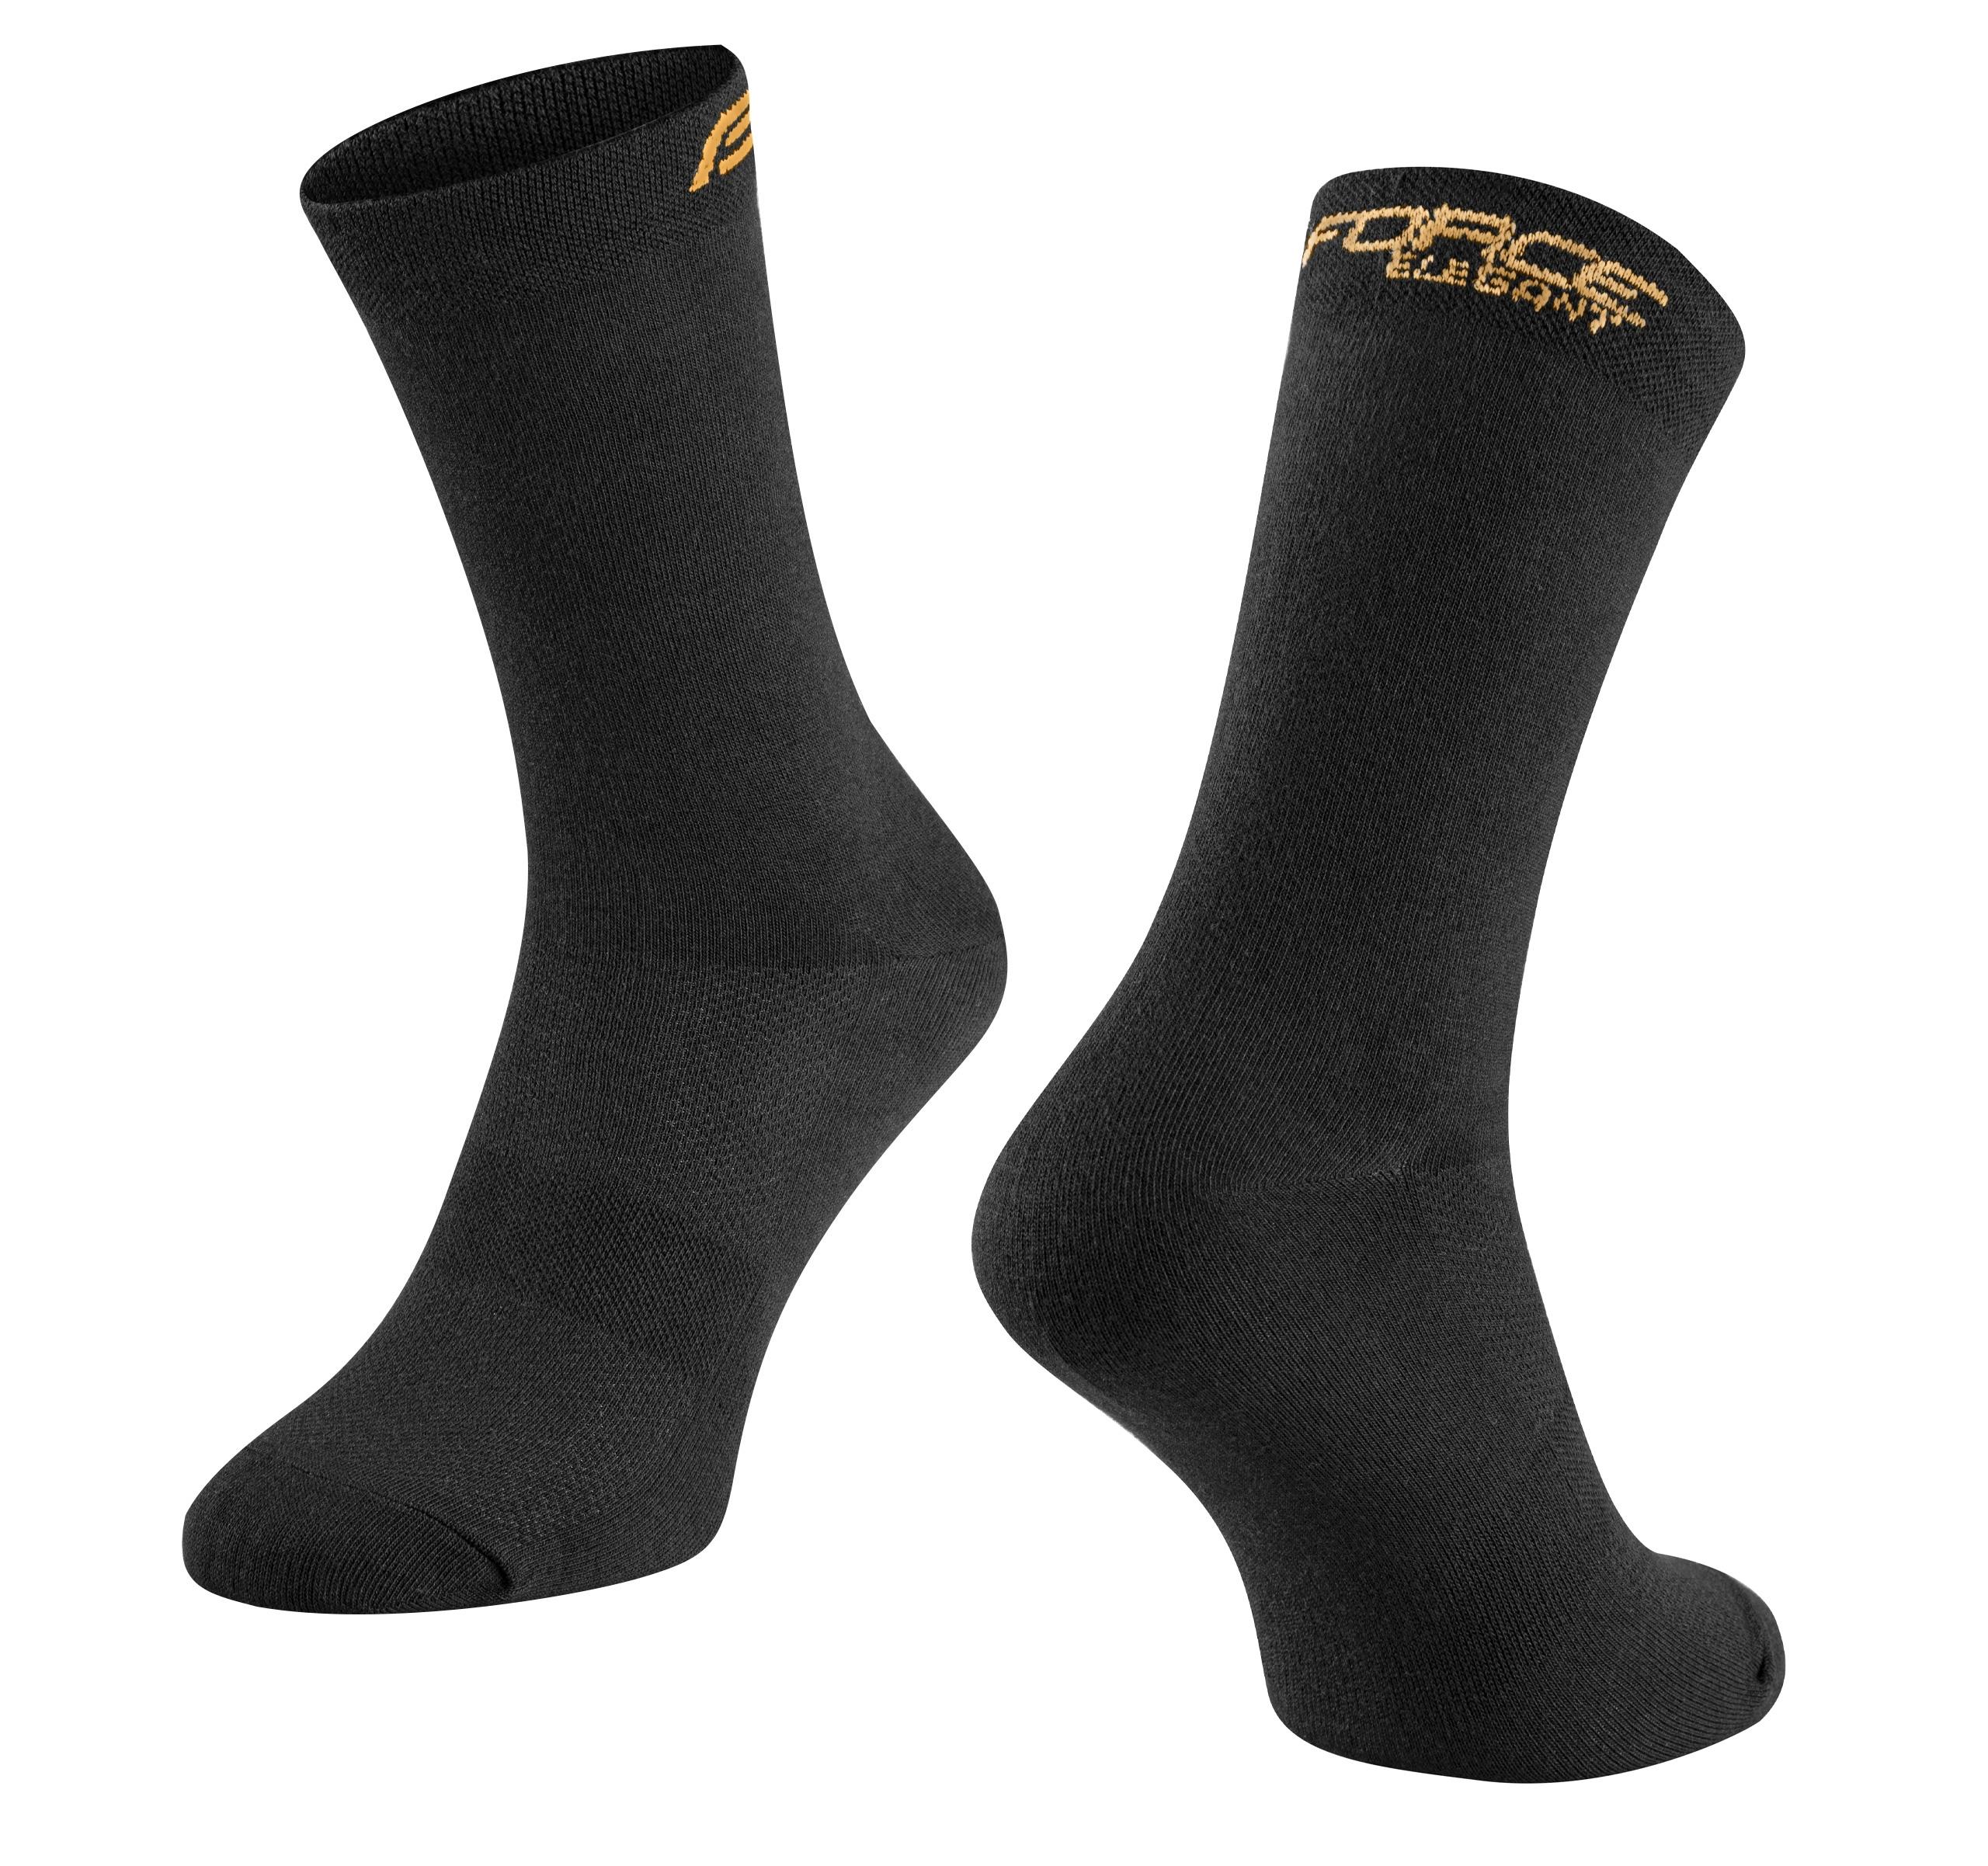 ponožky FORCE ELEGANT vysoké,černo-zlaté S-M/36-41